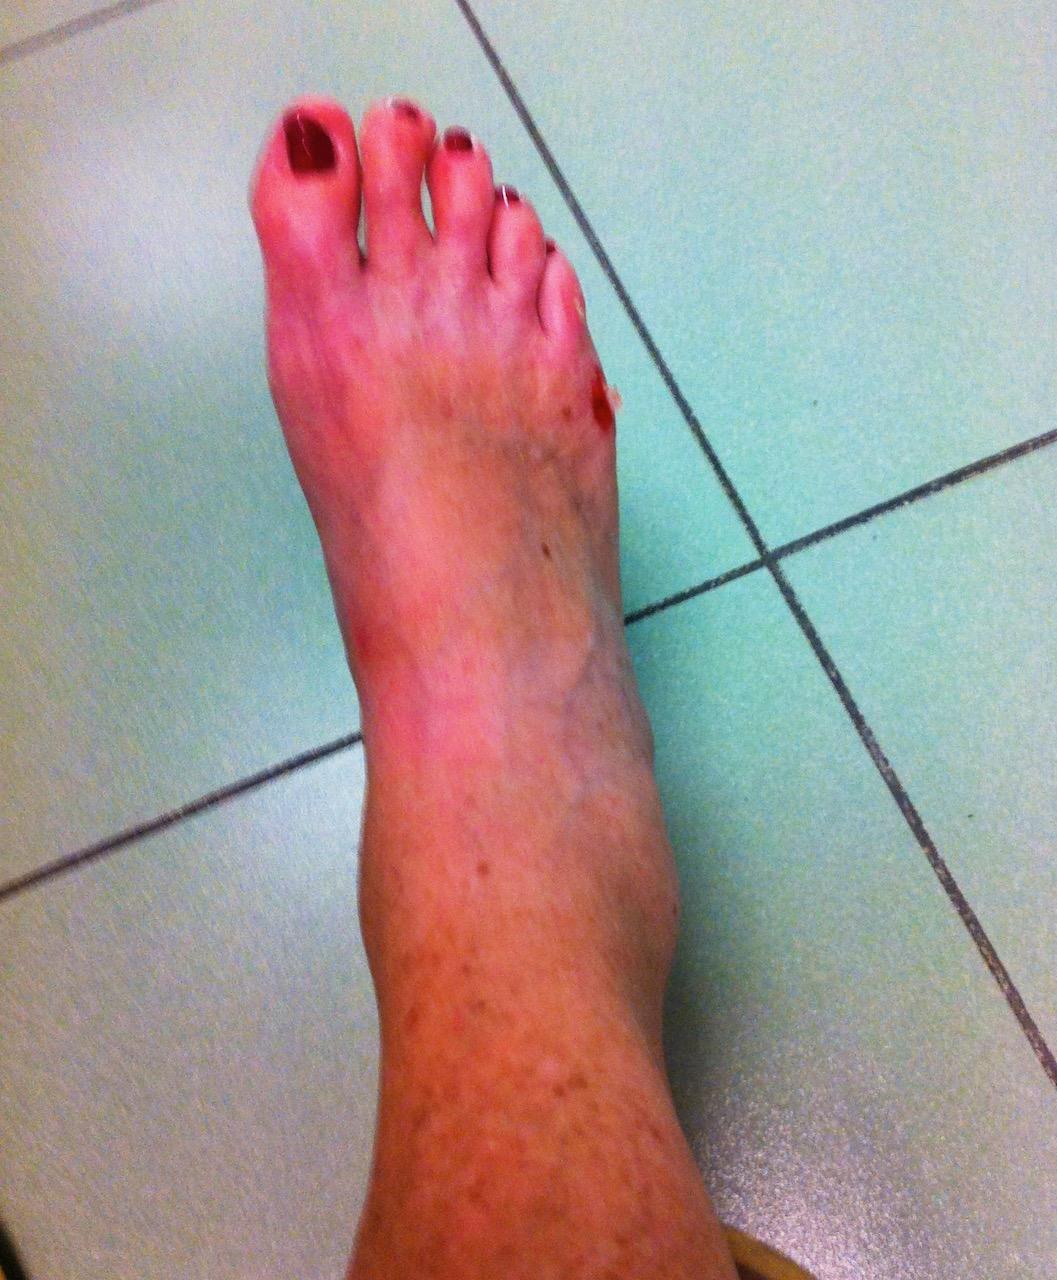 En rejält stukad fot.